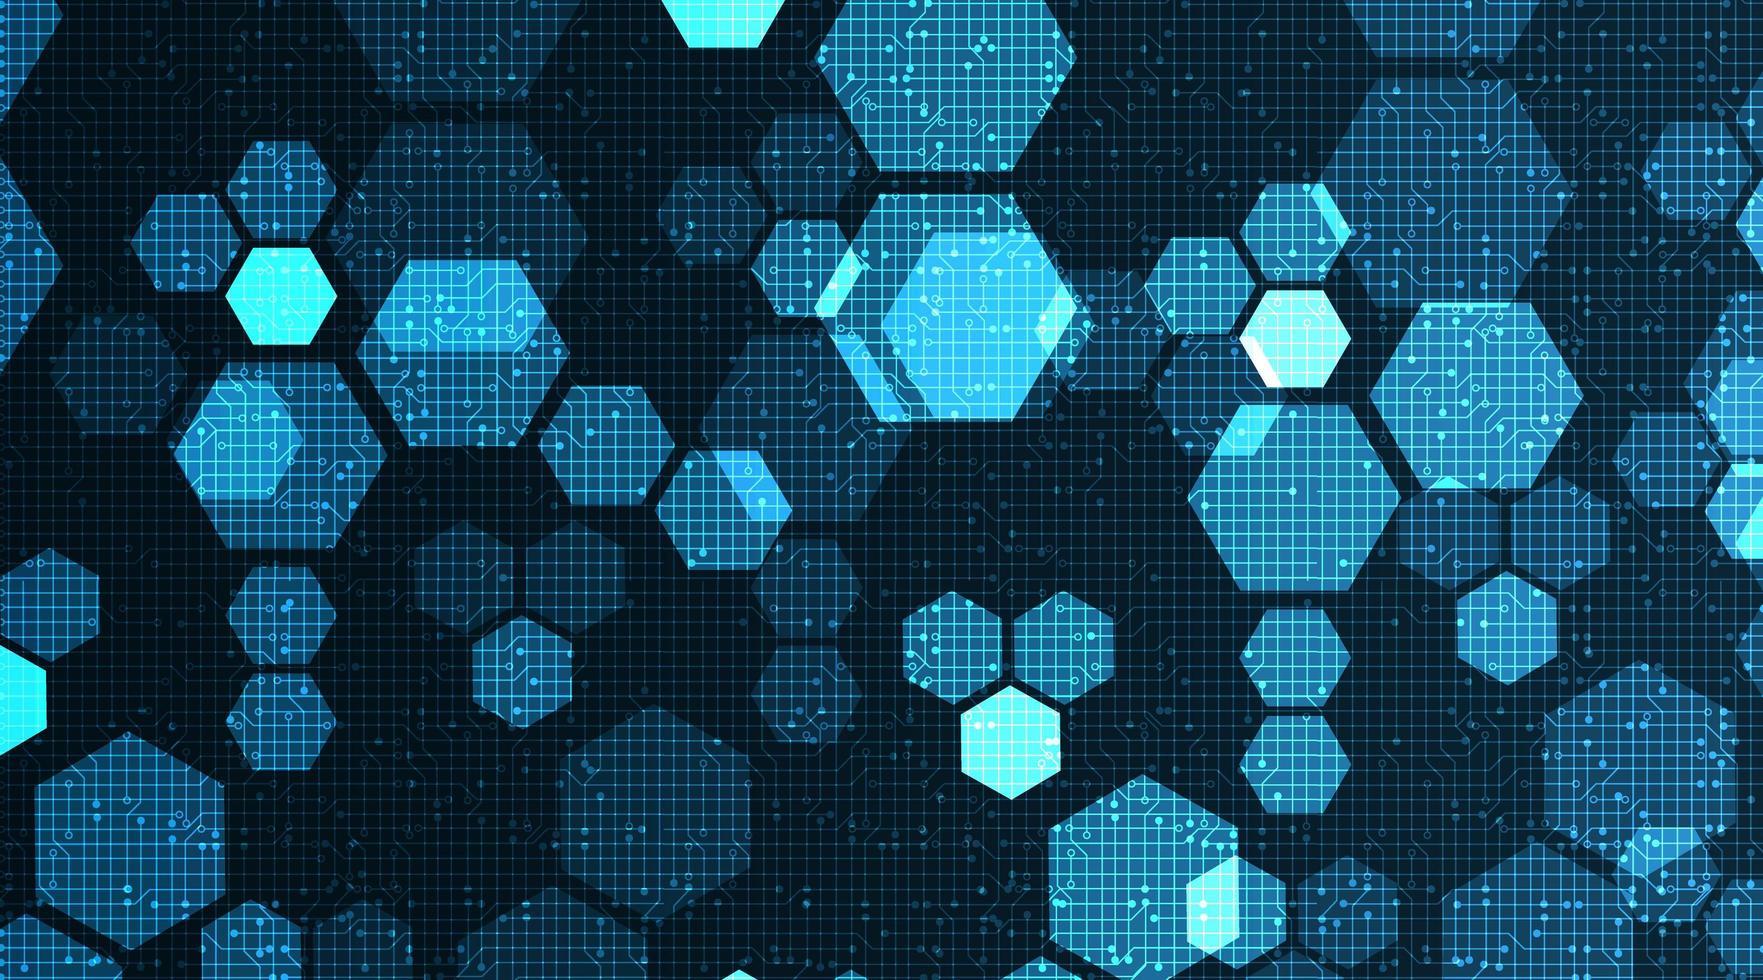 Digital-Polygon-Technologie auf Stromkreis-Mikrochip-Hintergrund. vektor